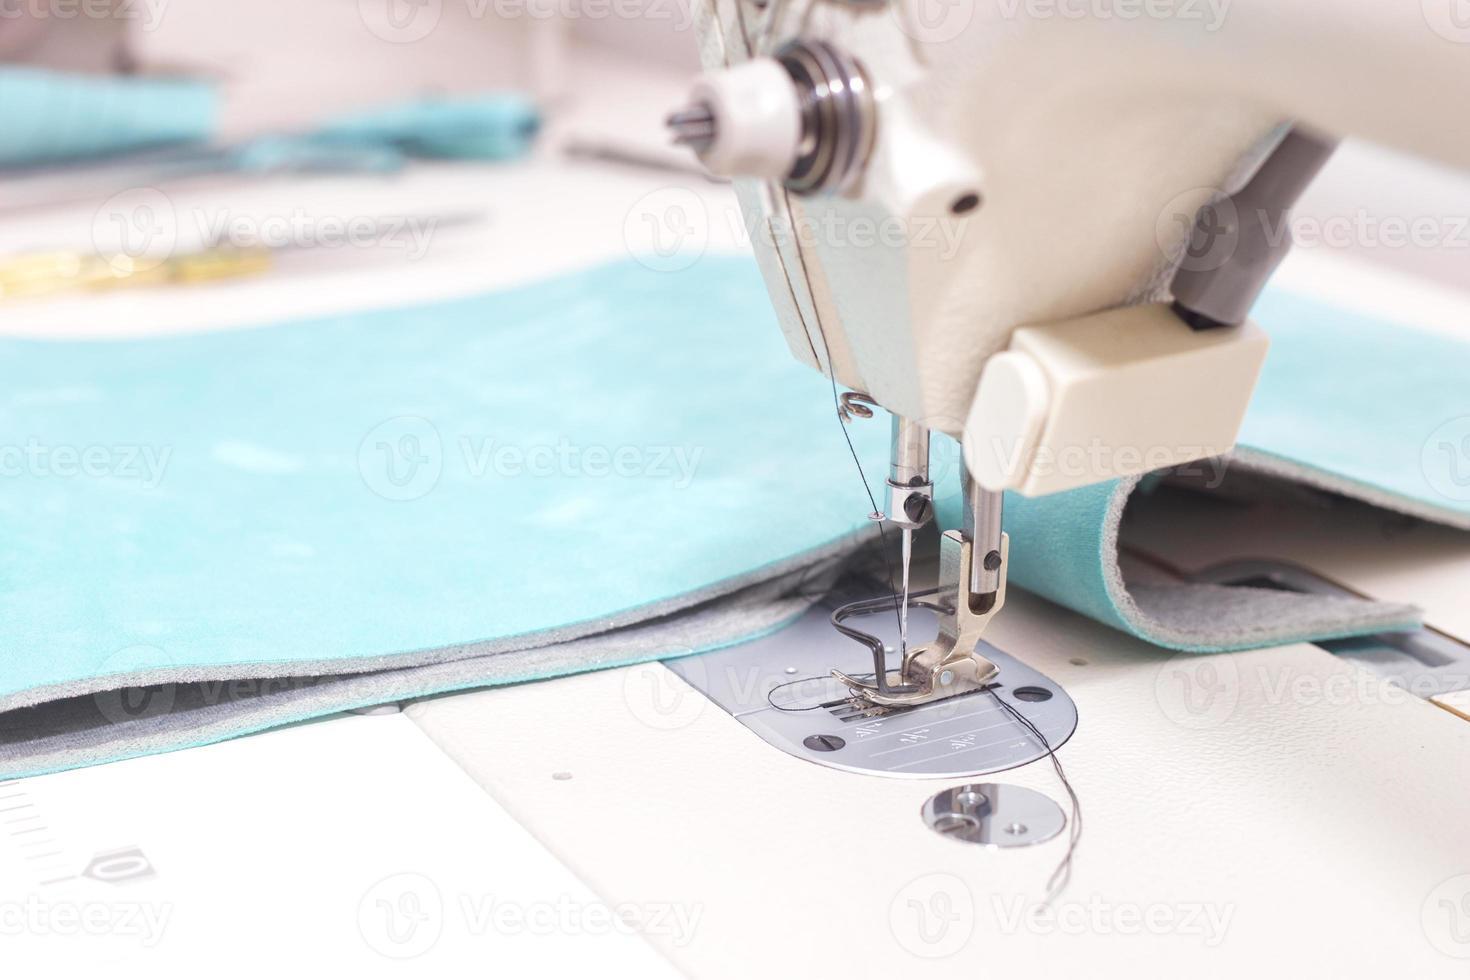 macchina da cucire da vicino. foto